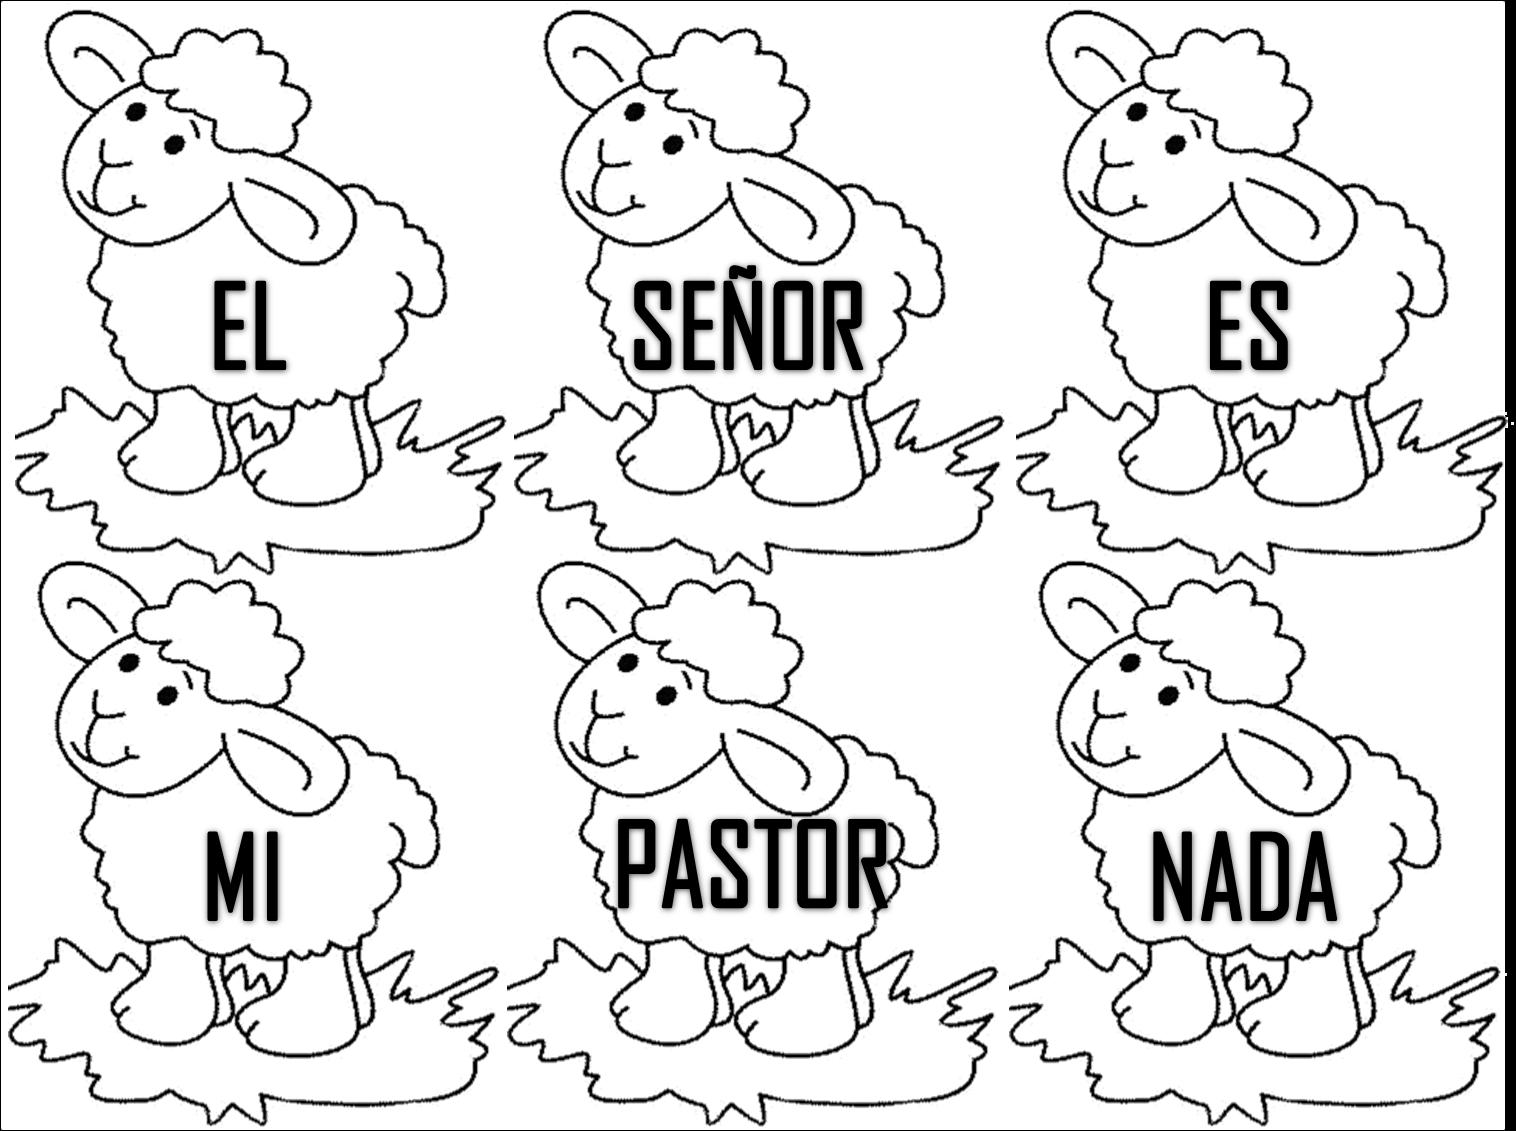 Dibujos para colorear cristianos con textos biblicos - Imagui